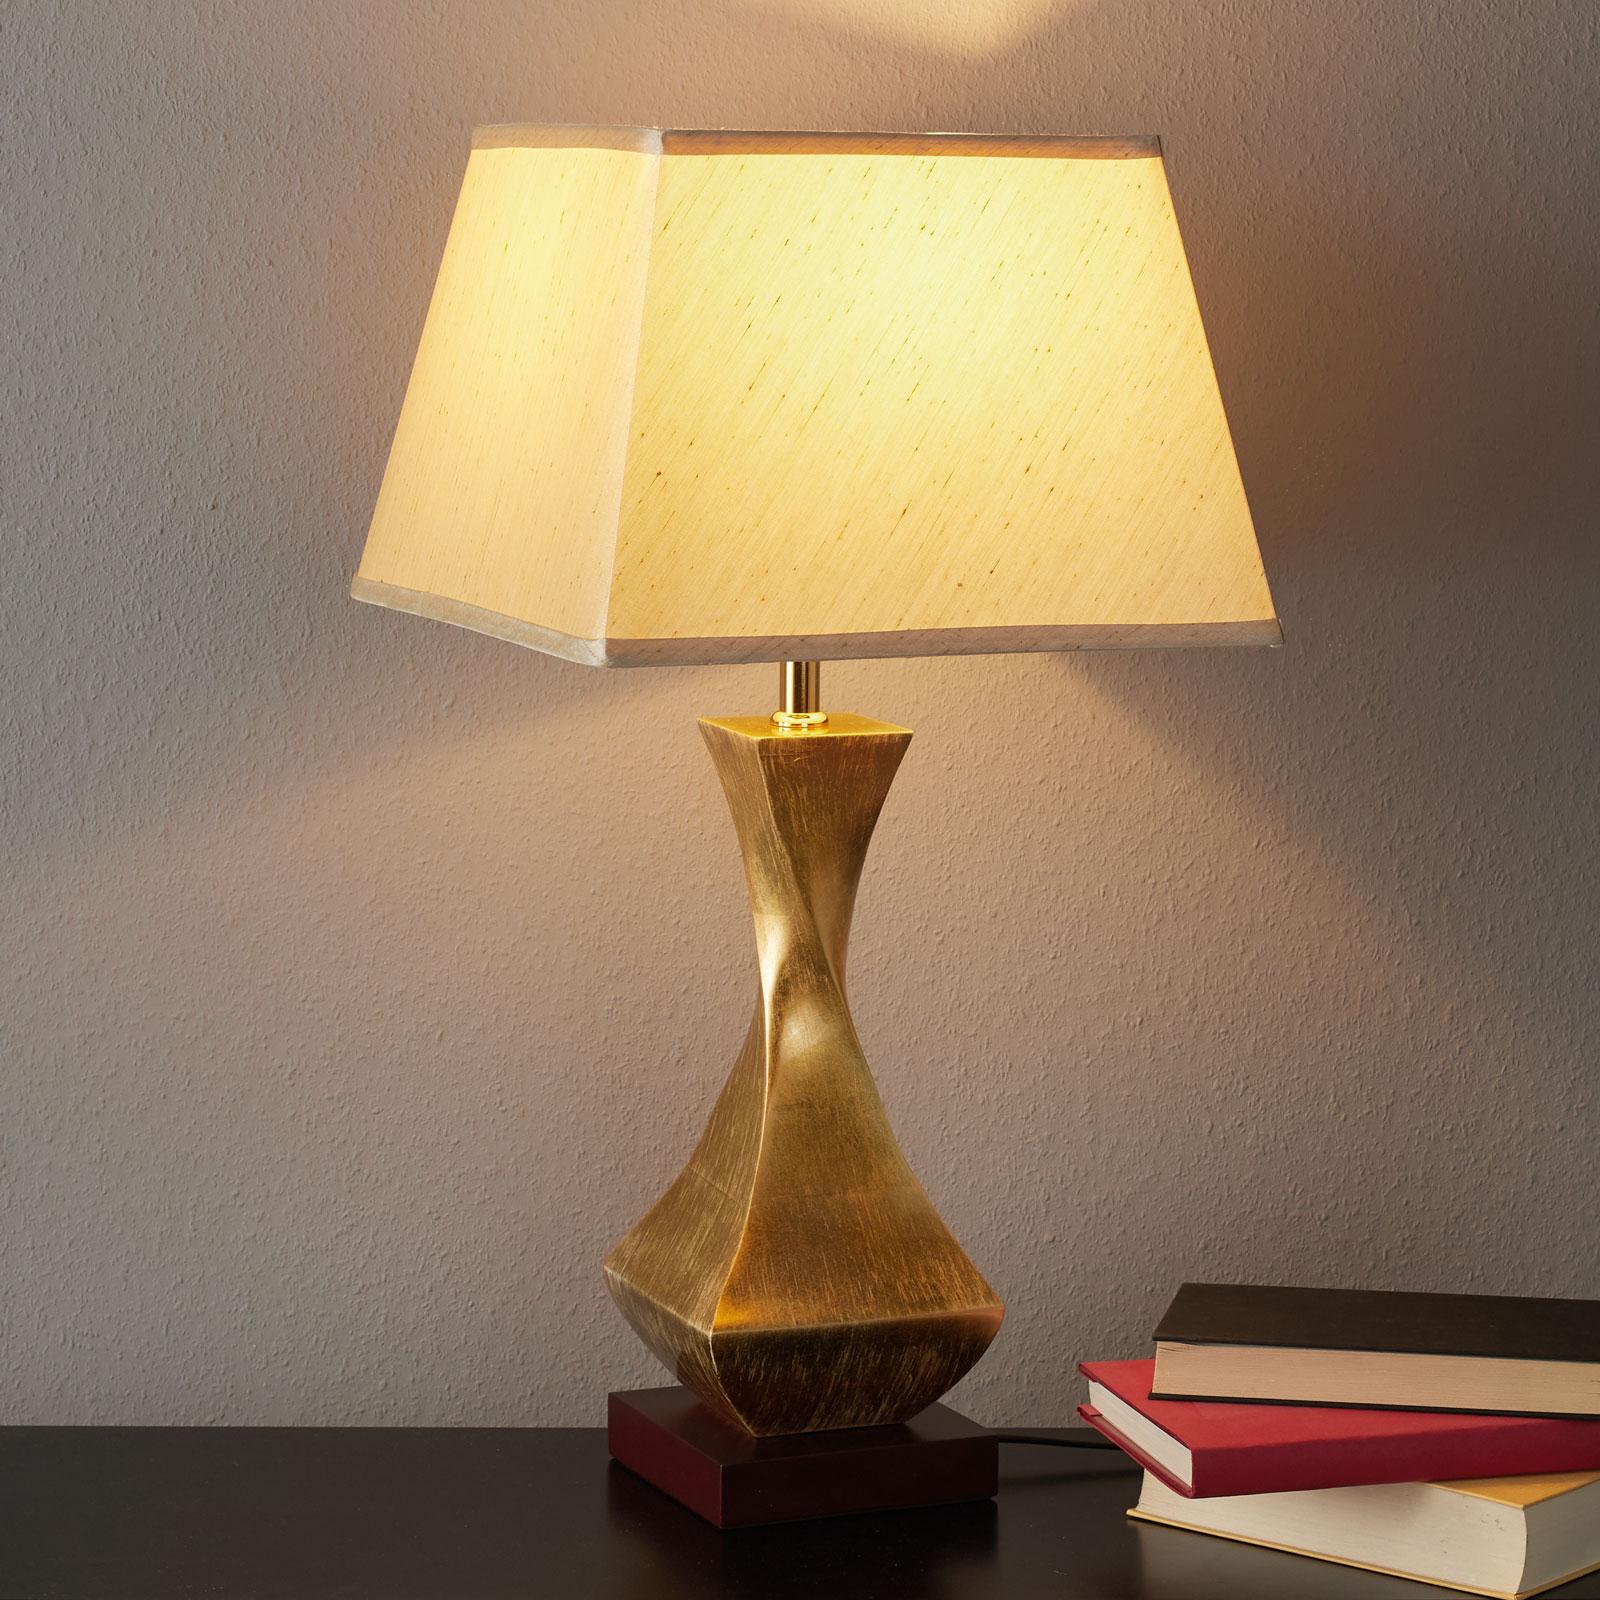 Tischleuchte Deco mit goldenem Fuß